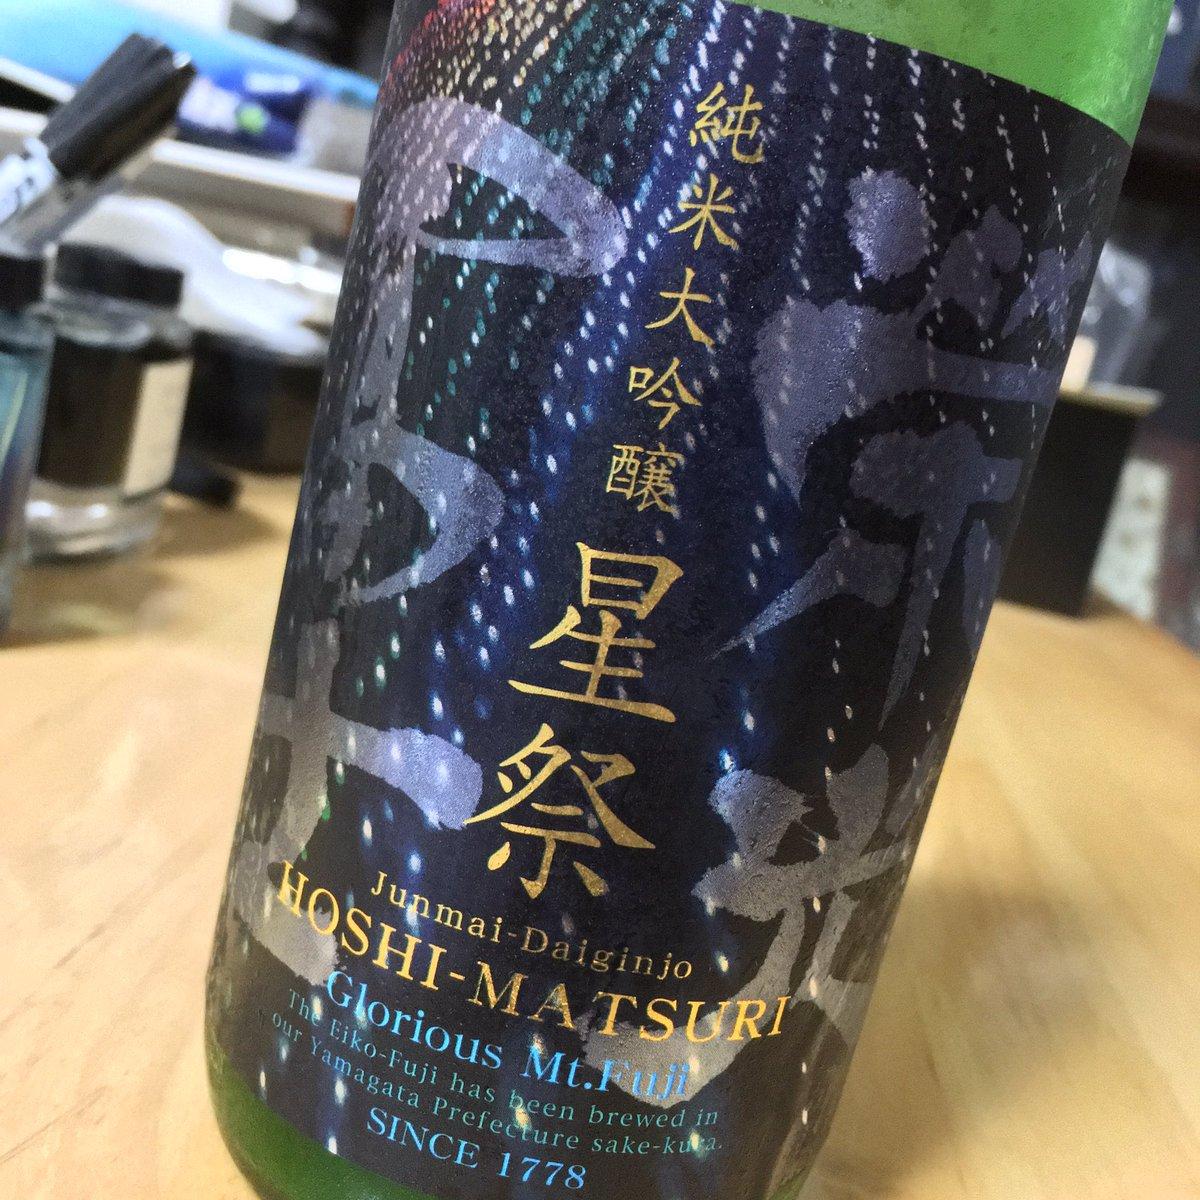 test ツイッターメディア - 今日の日本酒は、栄光冨士 星祭 甘味強くスッキリした飲み口。それでいて旨味がしっかりしてて飲みごたえがある https://t.co/yFICCn3hOe